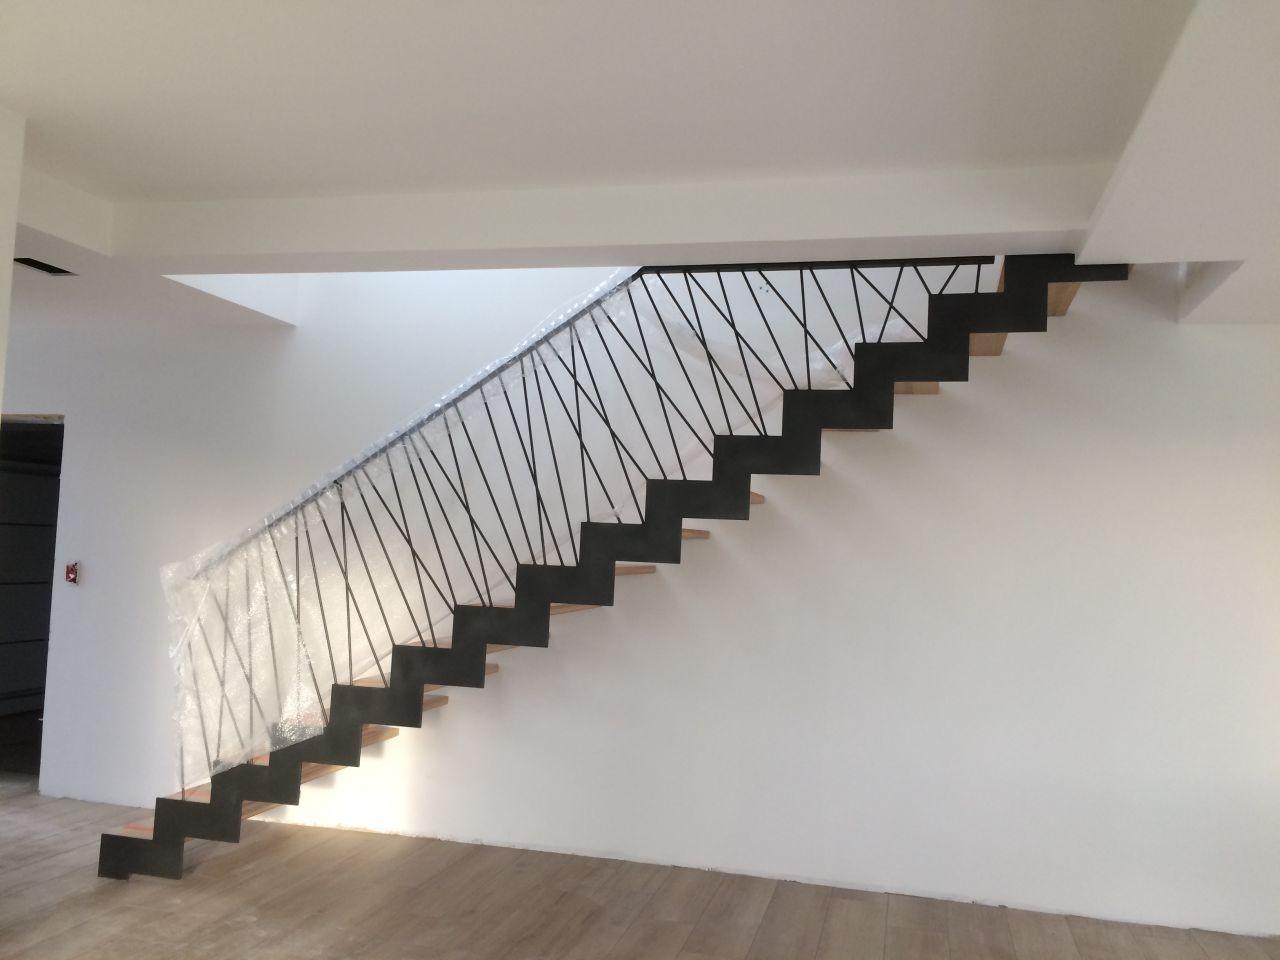 Escalier pose!